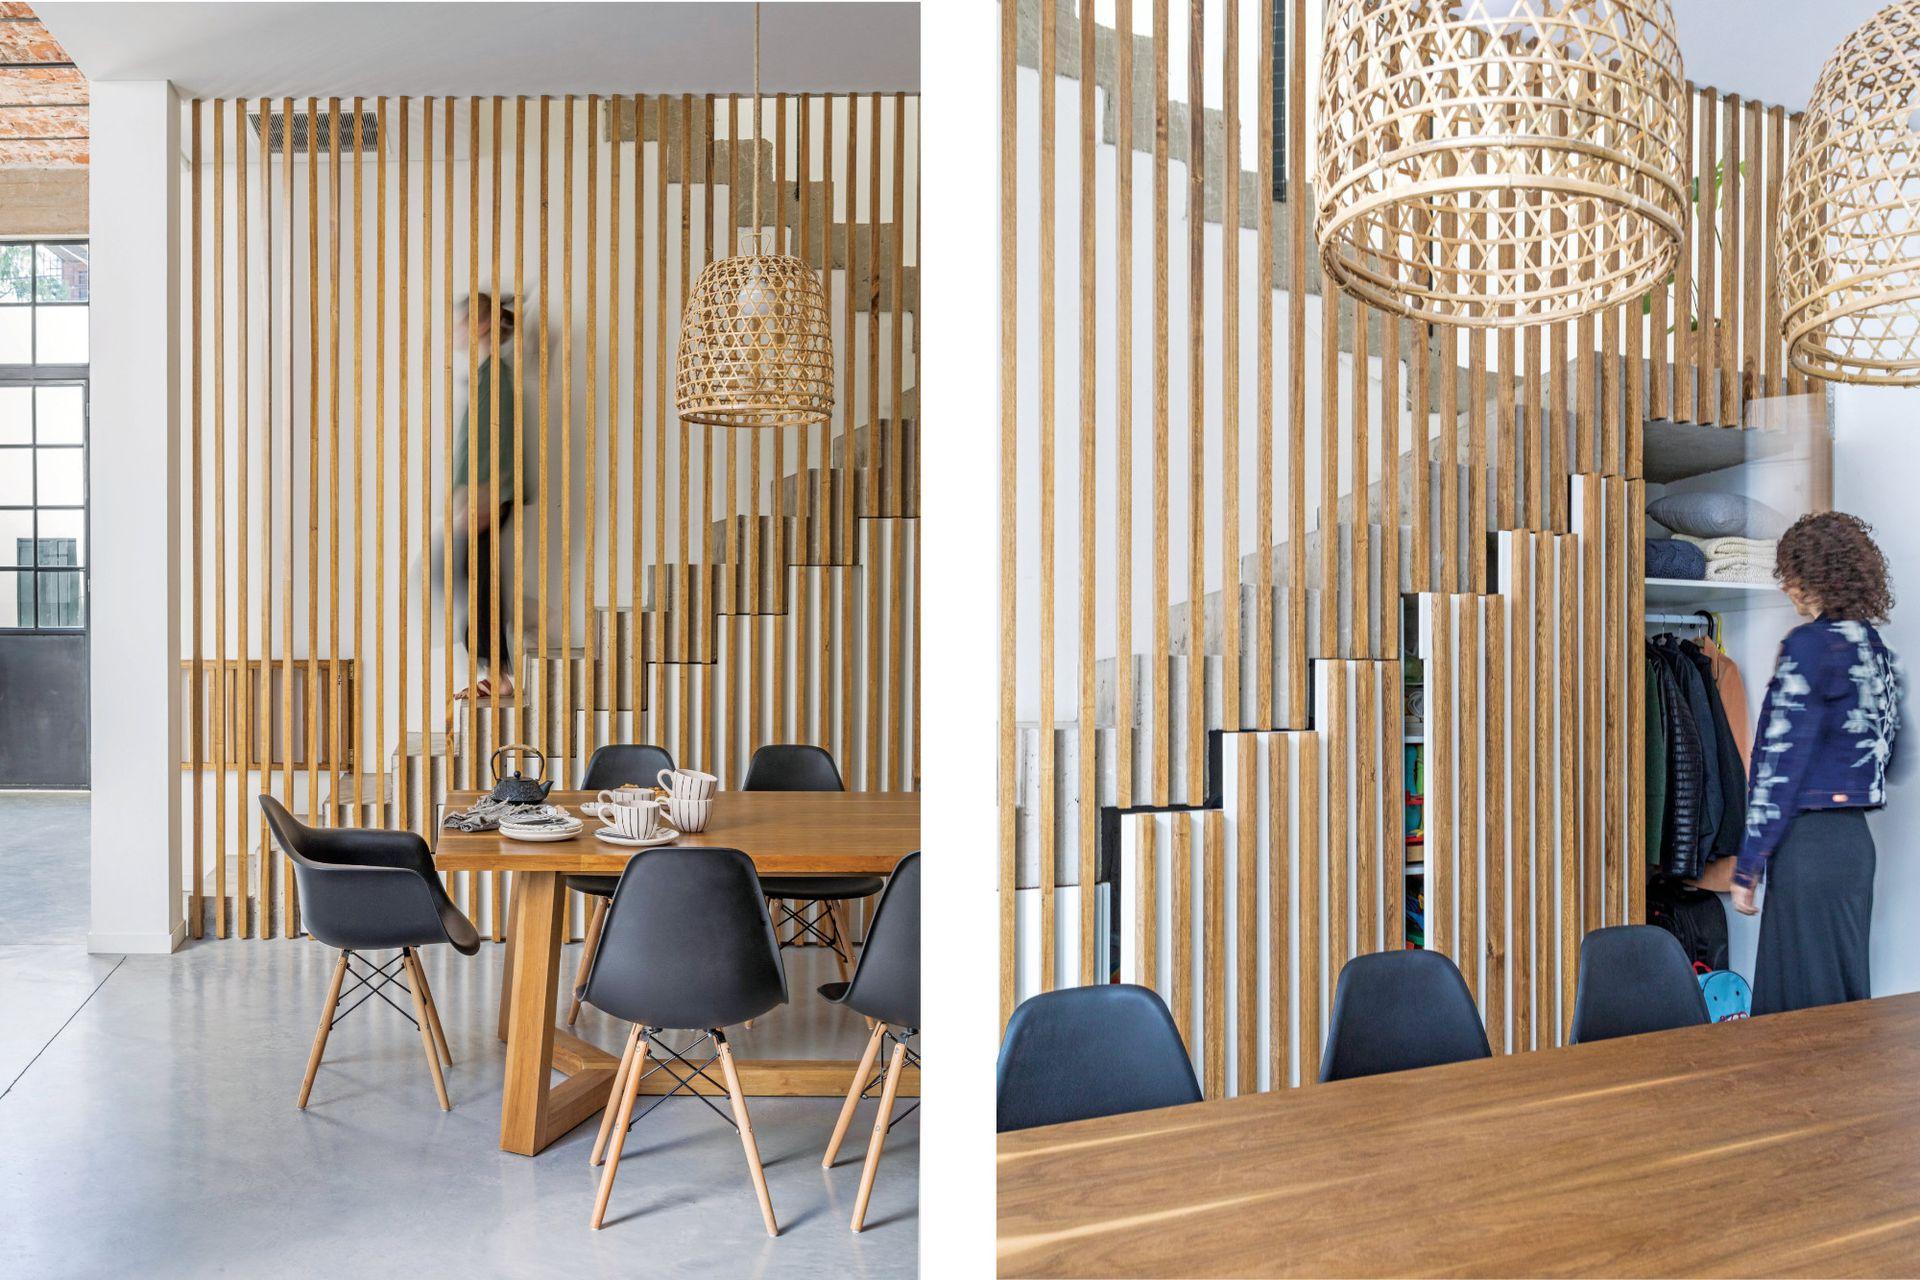 Cálido, liviano y decorativo, el plano de maderas verticales funciona como baranda de la escalera y genera espacios de guardado muy necesarios en esta planta abierta.